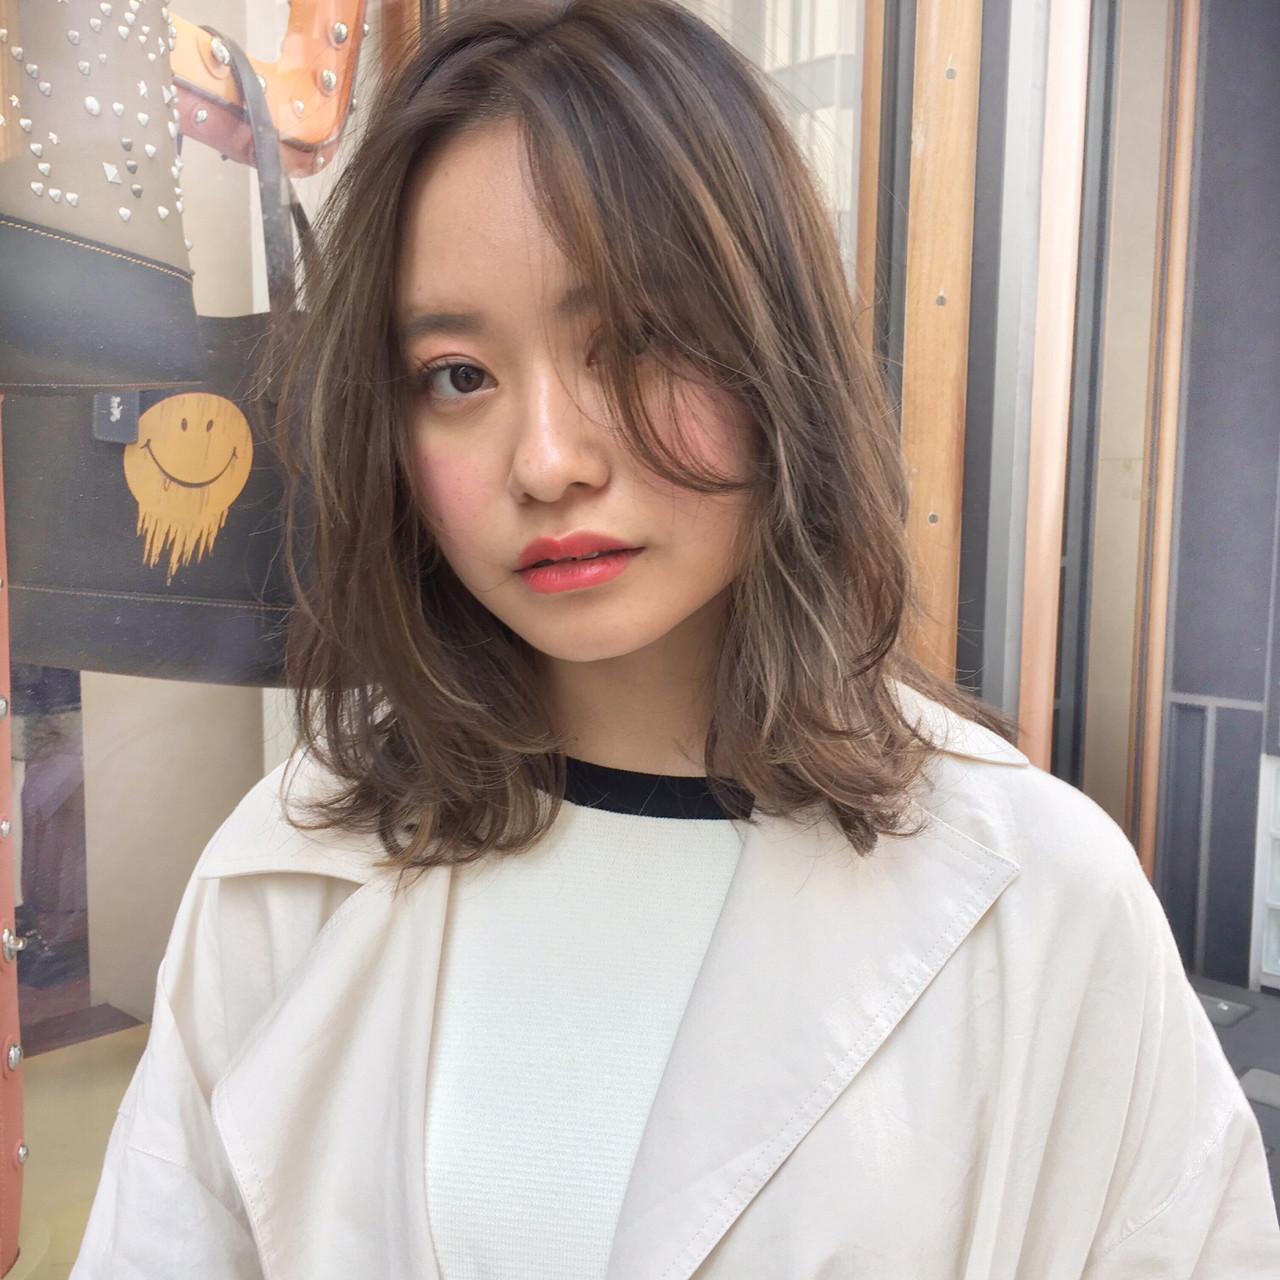 前髪で丸顔隠し!今っぽミディアムヘア ナガヤ アキラ joemi 新宿